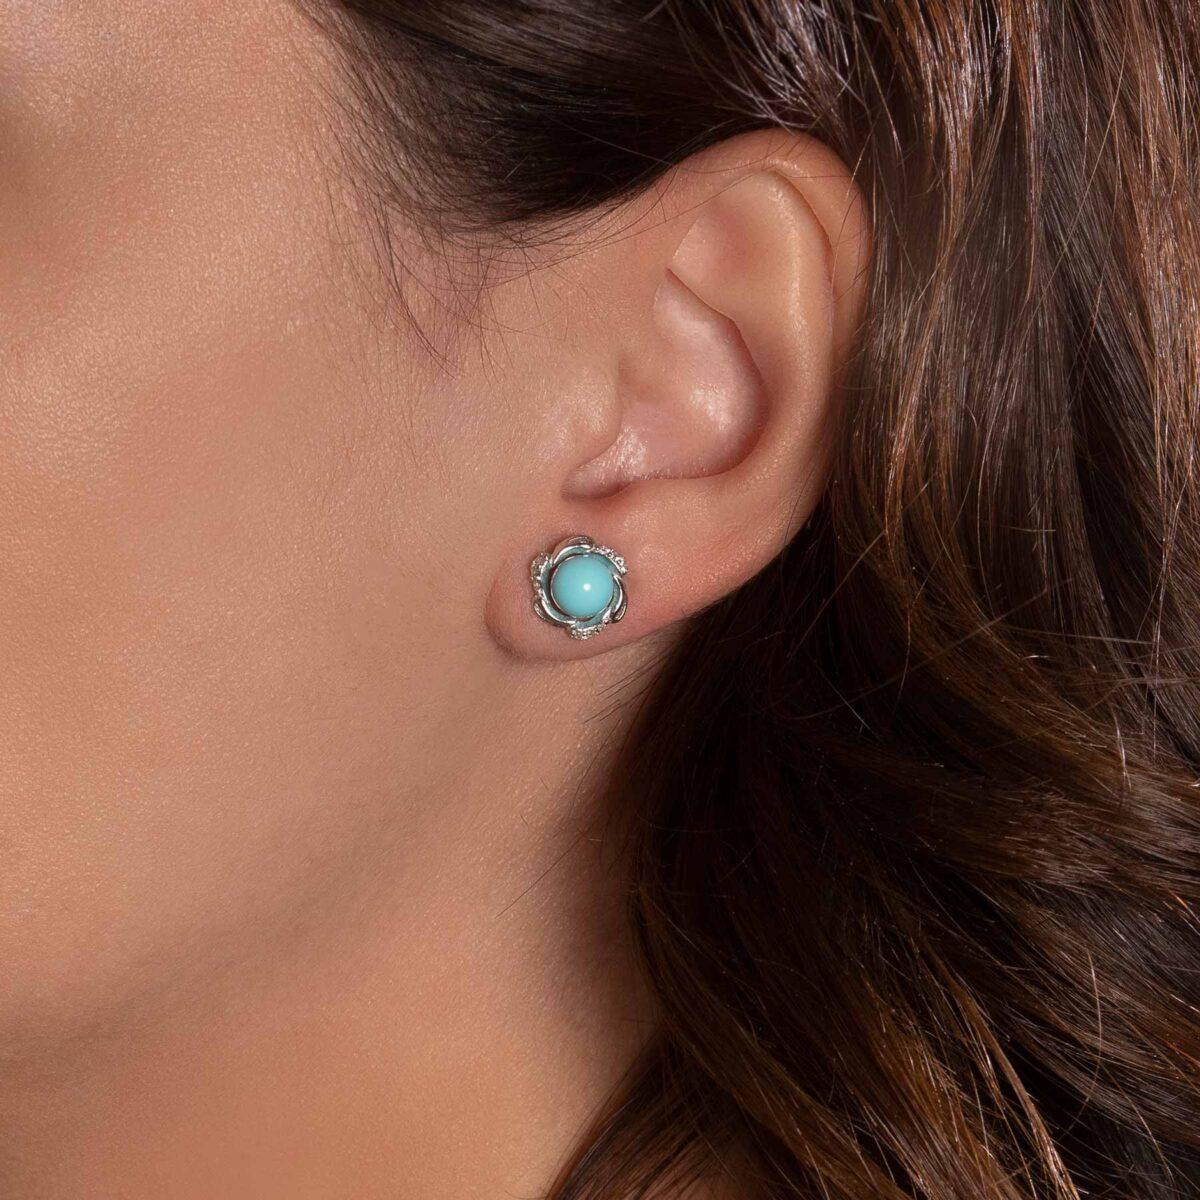 orecchini agglomerato di turchese e argento